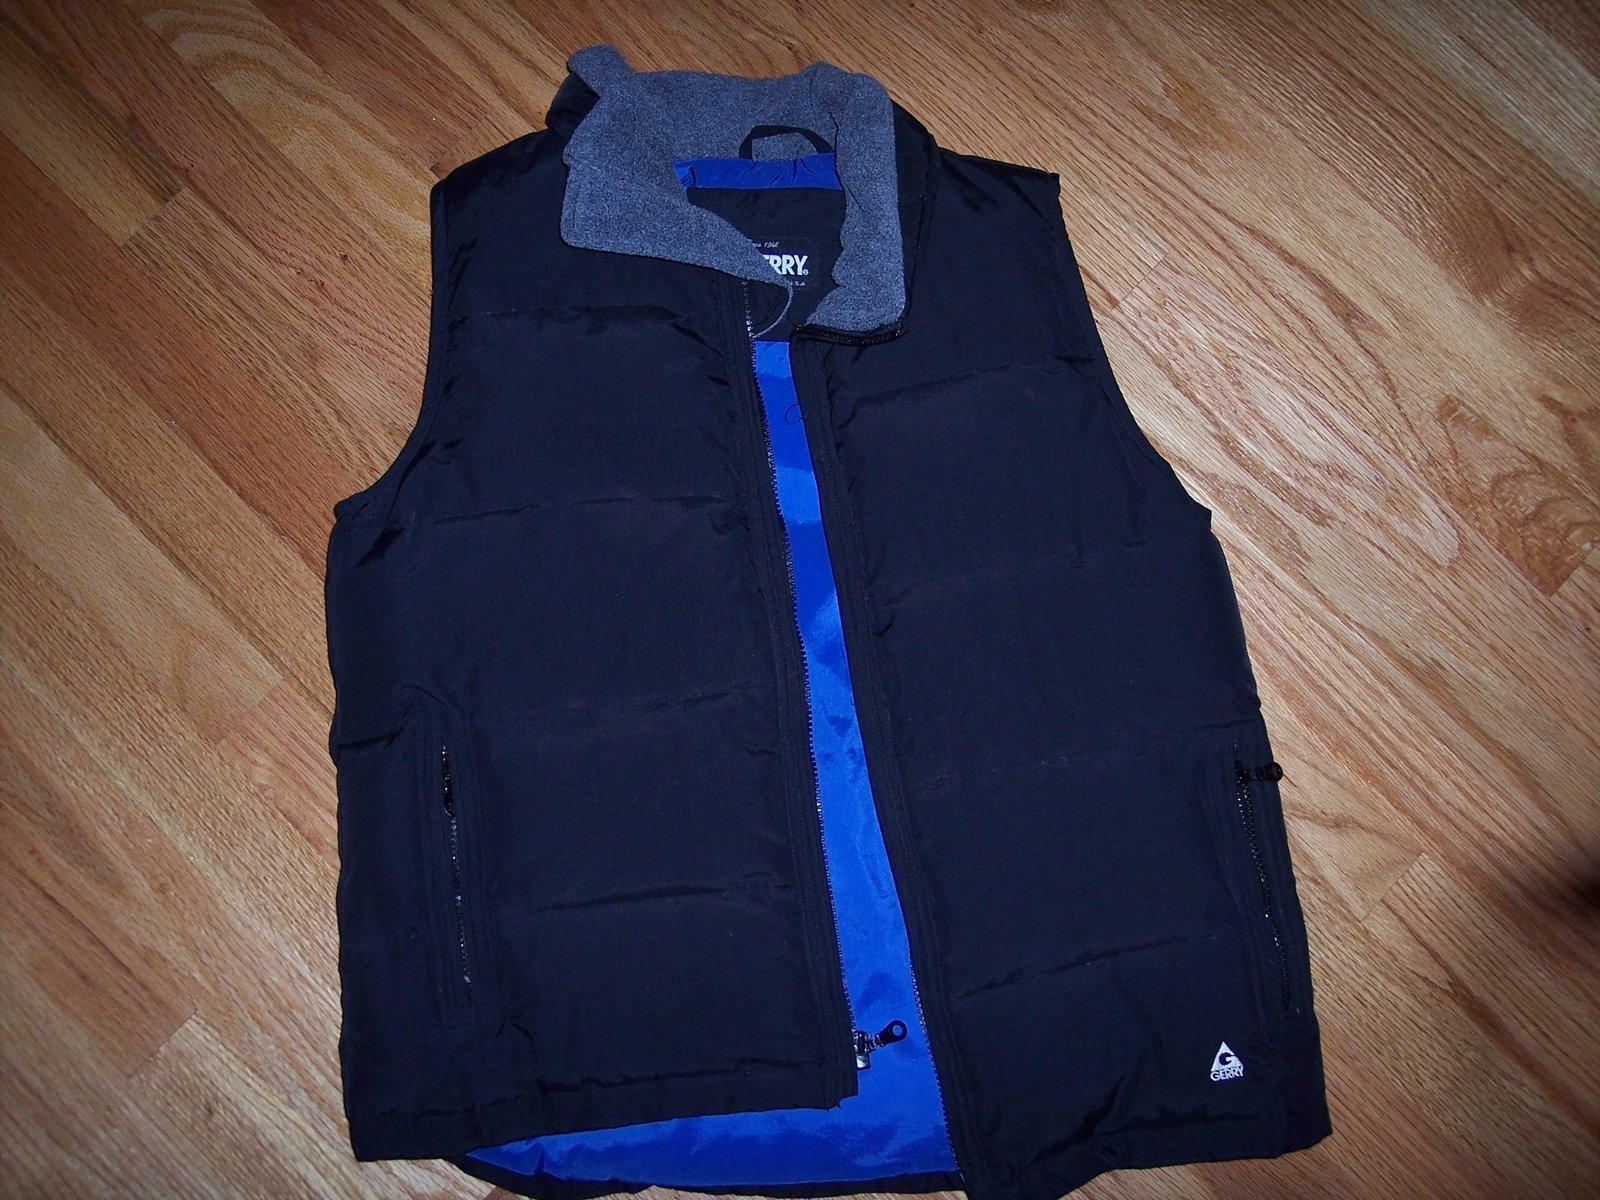 Large vest